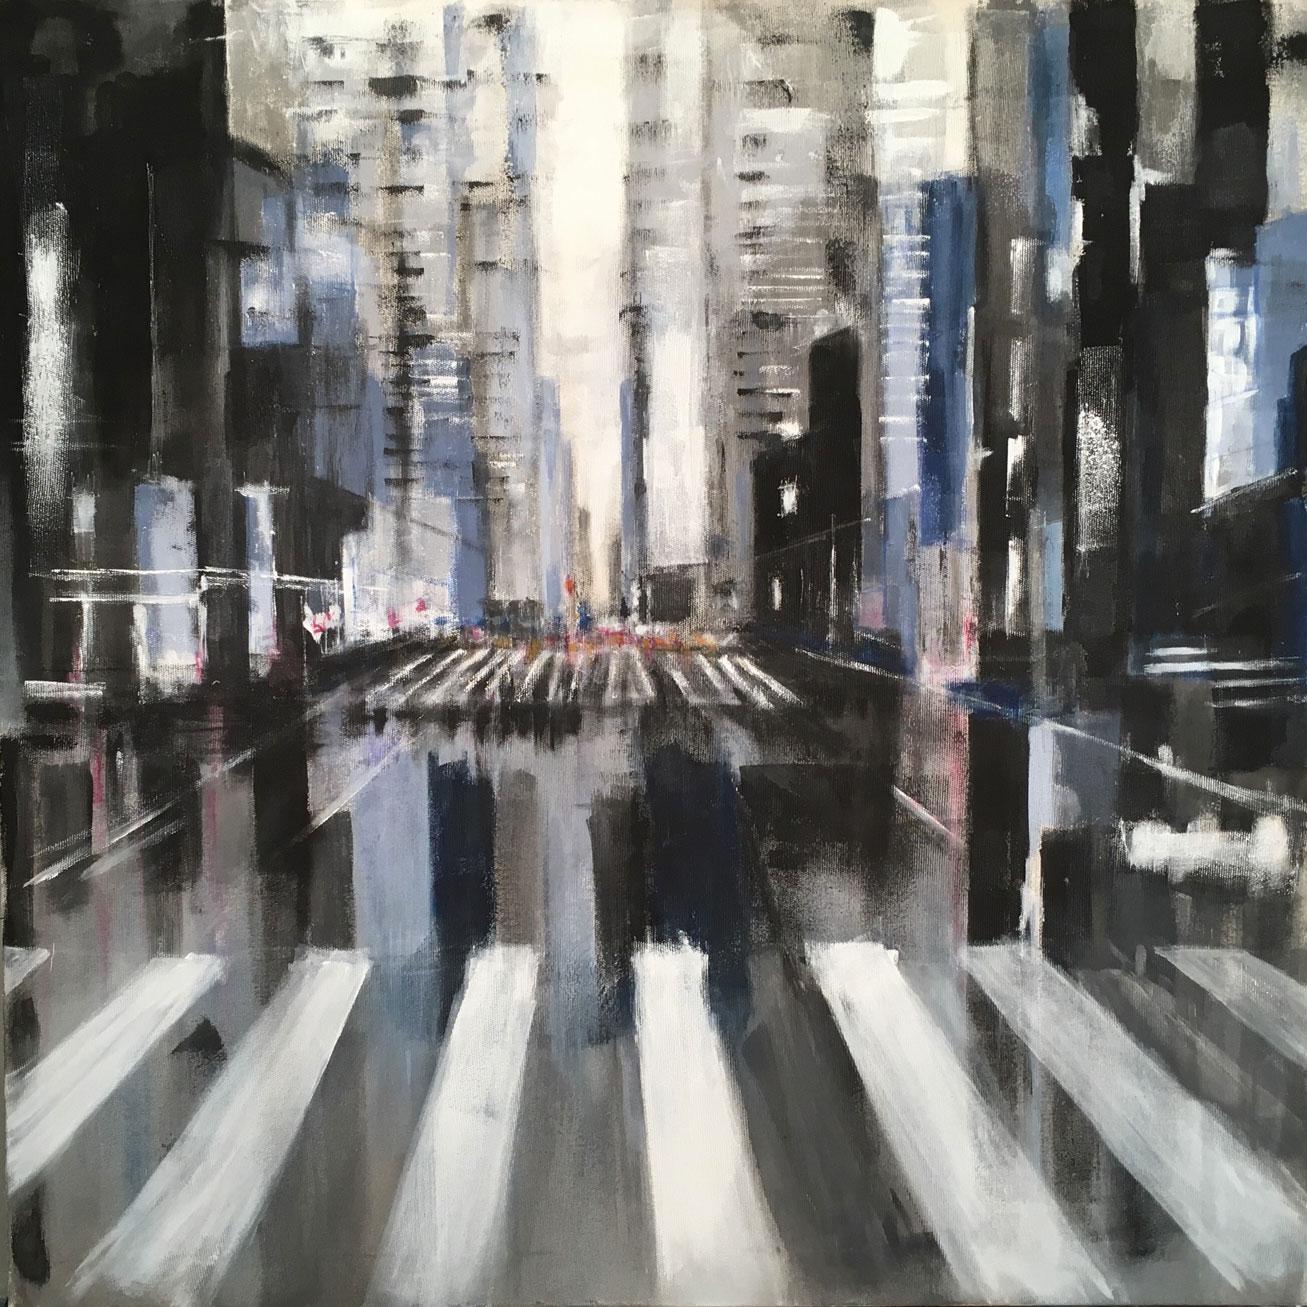 N°3436 - Acrylique sur toile - 100 x 100 cm - 21 septembre 2017